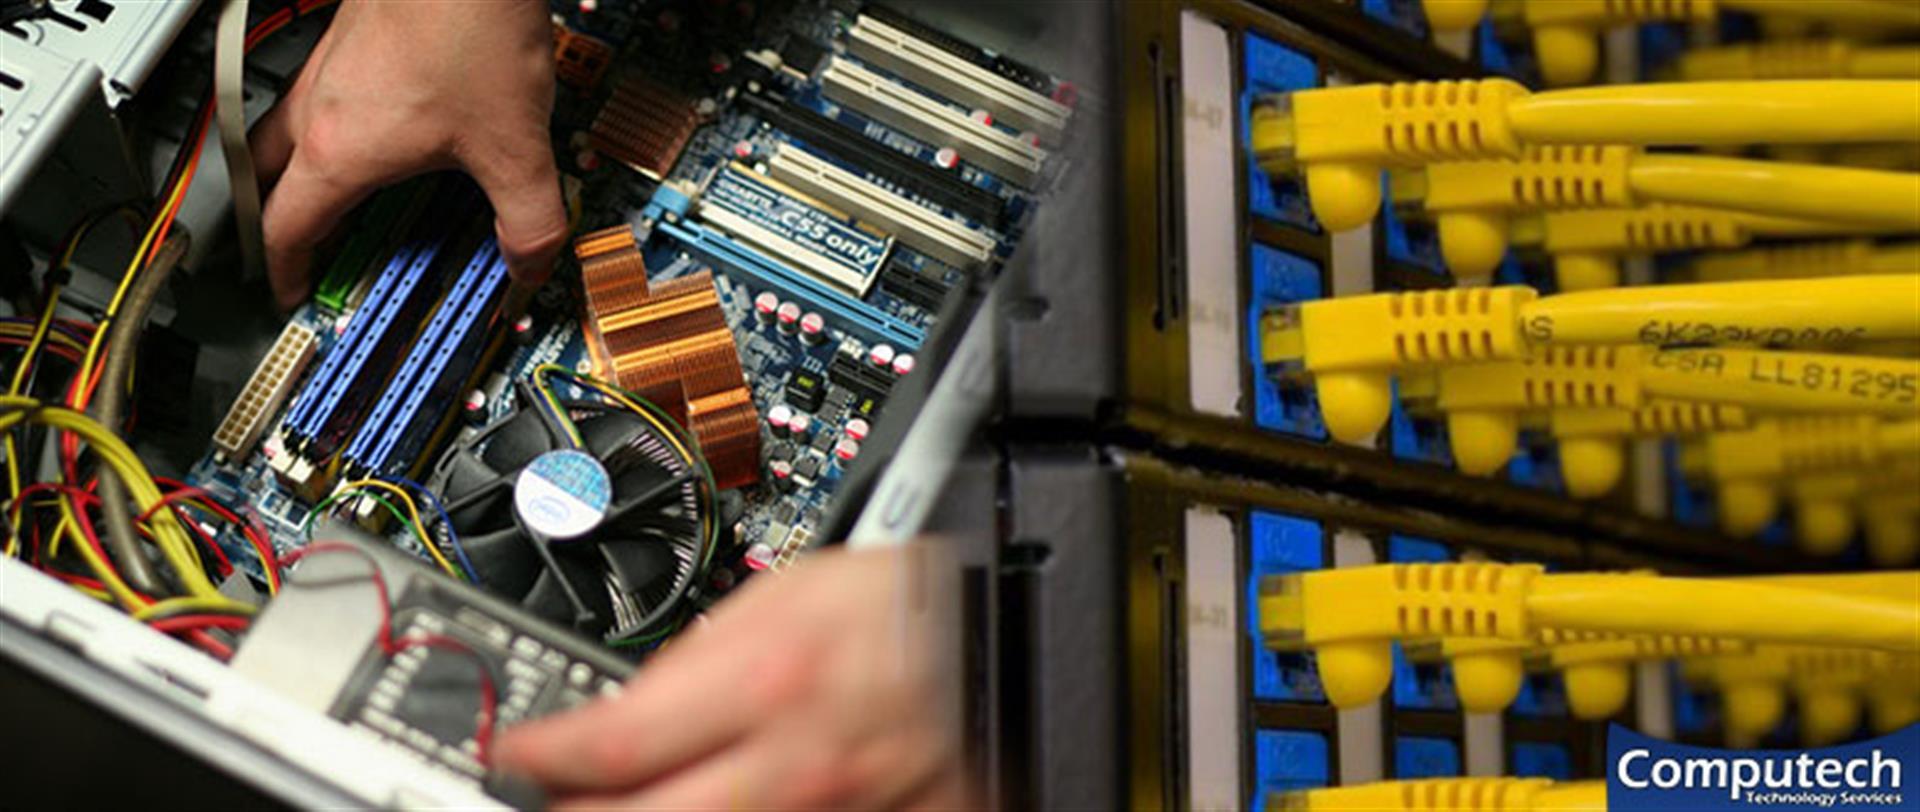 Stockbridge Georgia On Site PC & Printer Repair, Network, Voice & Data Cabling Solutions